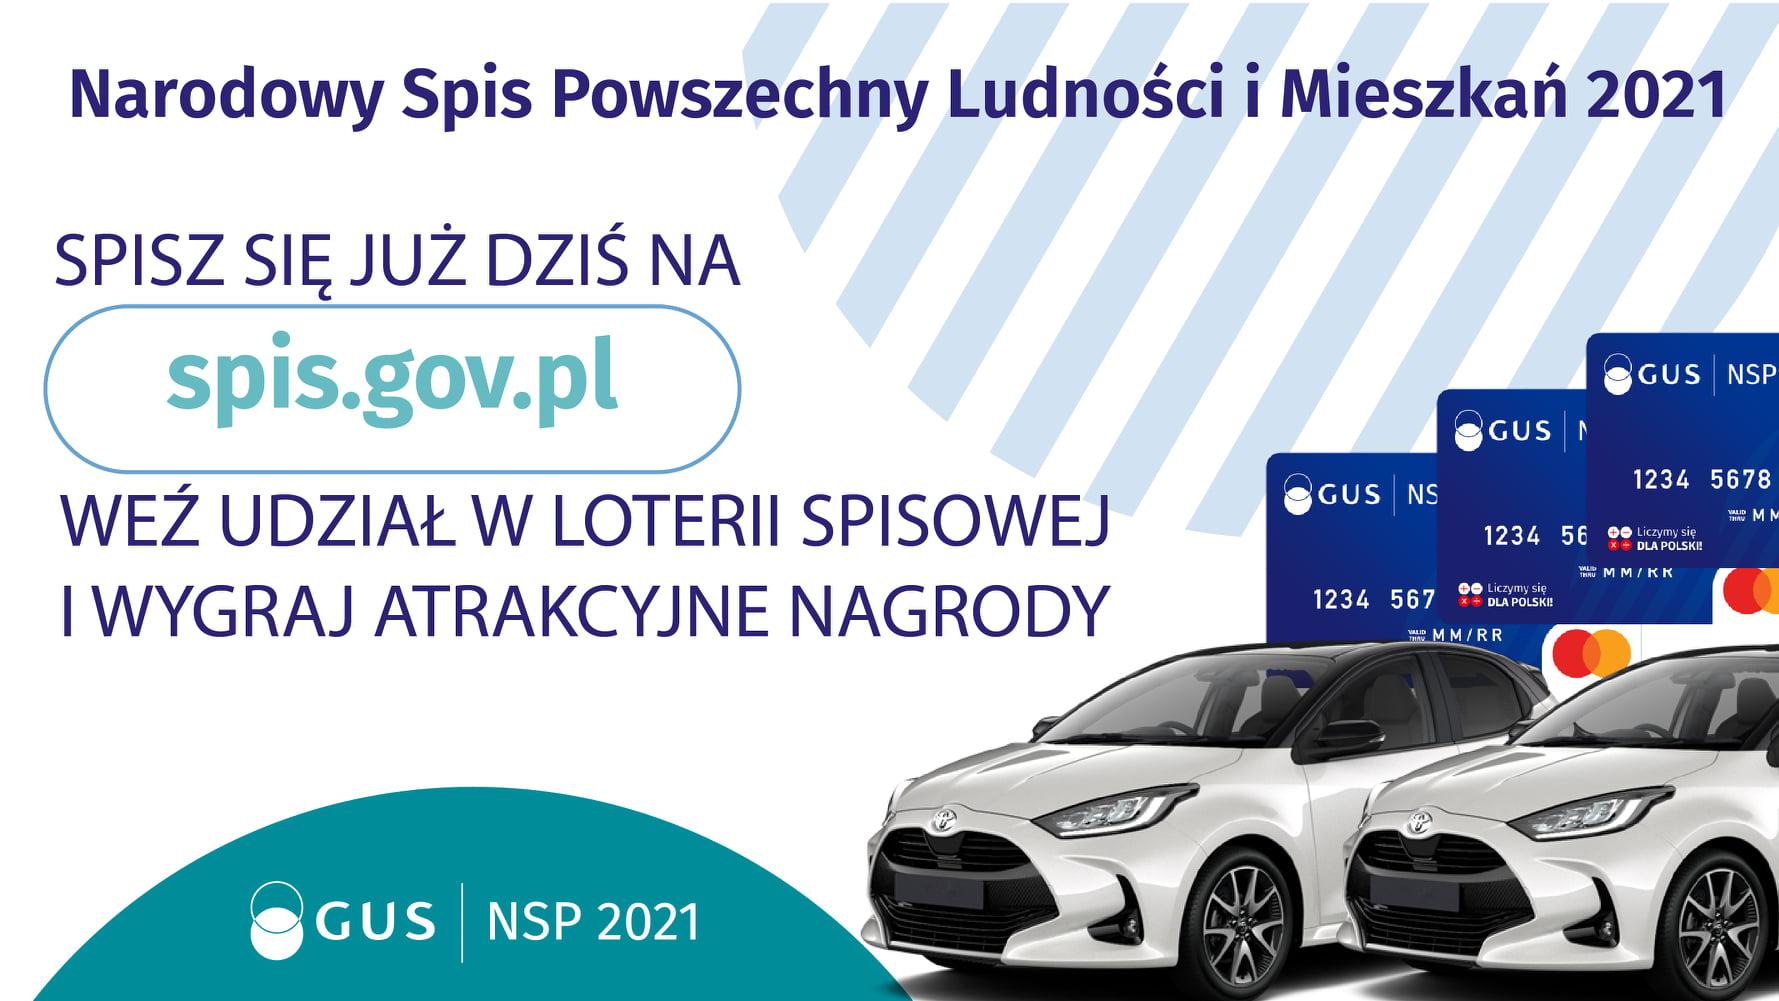 Ilustracja do informacji: Weź udział w Narodowym Spisie Powszechnym Ludności i Mieszkań i wygraj atrakcyjne nagrody w Loterii Spisowej